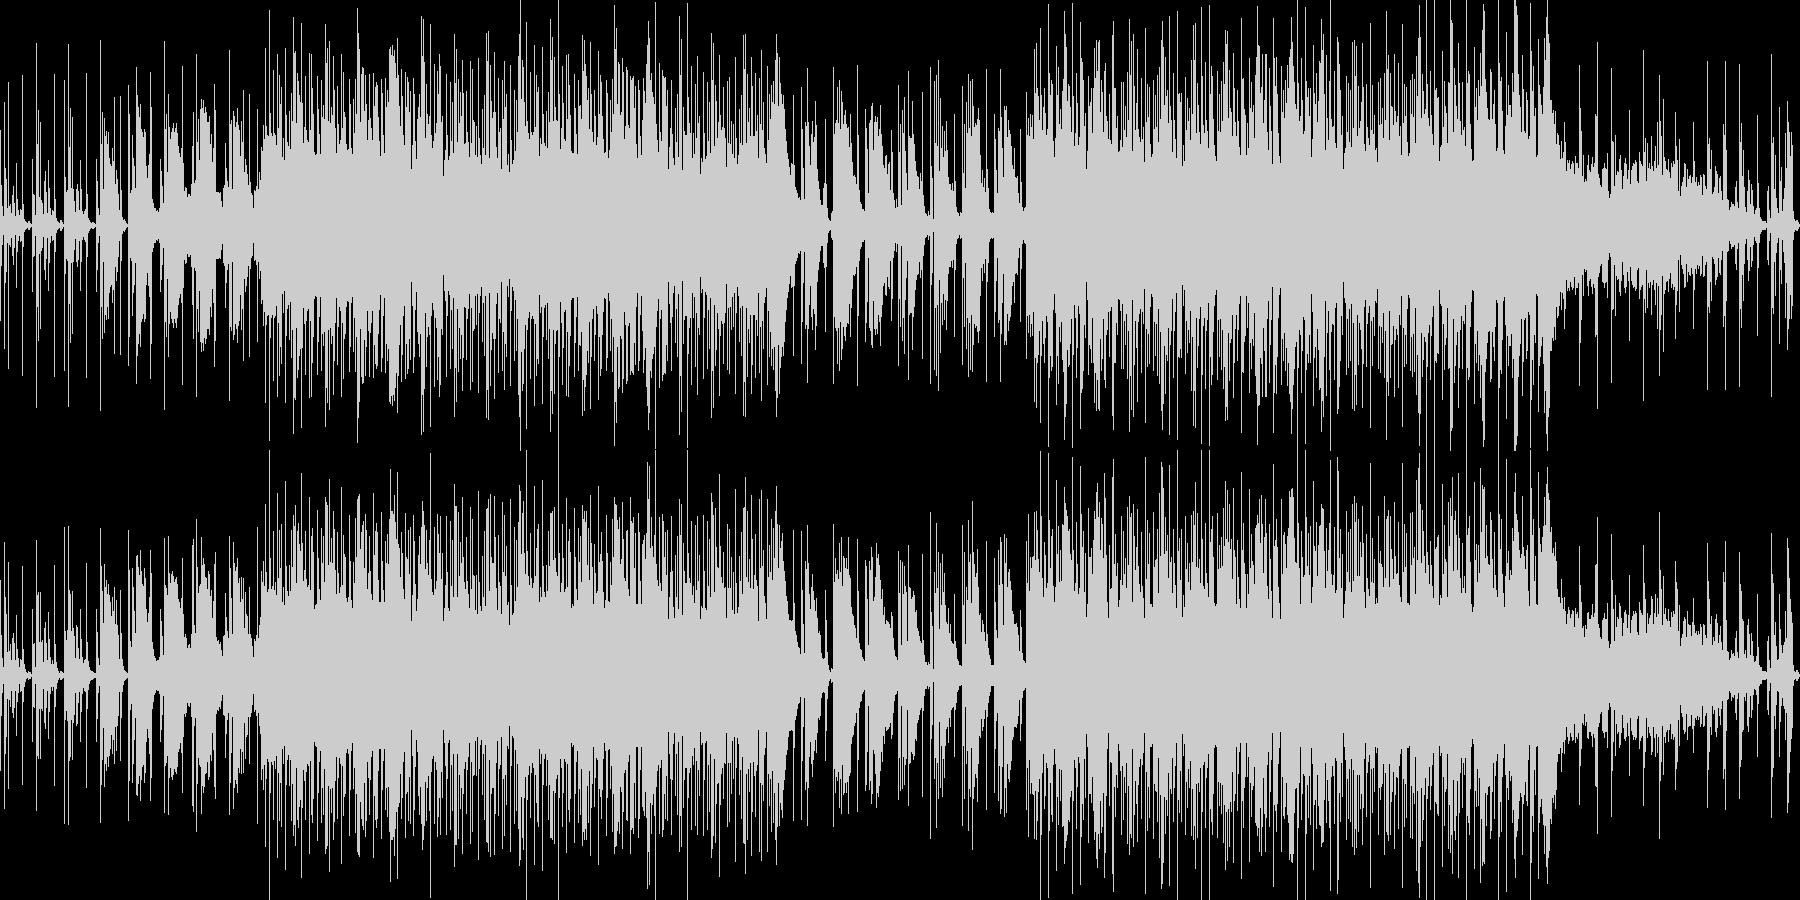 ハウス音楽で落ち着いた雰囲気のBGMの未再生の波形